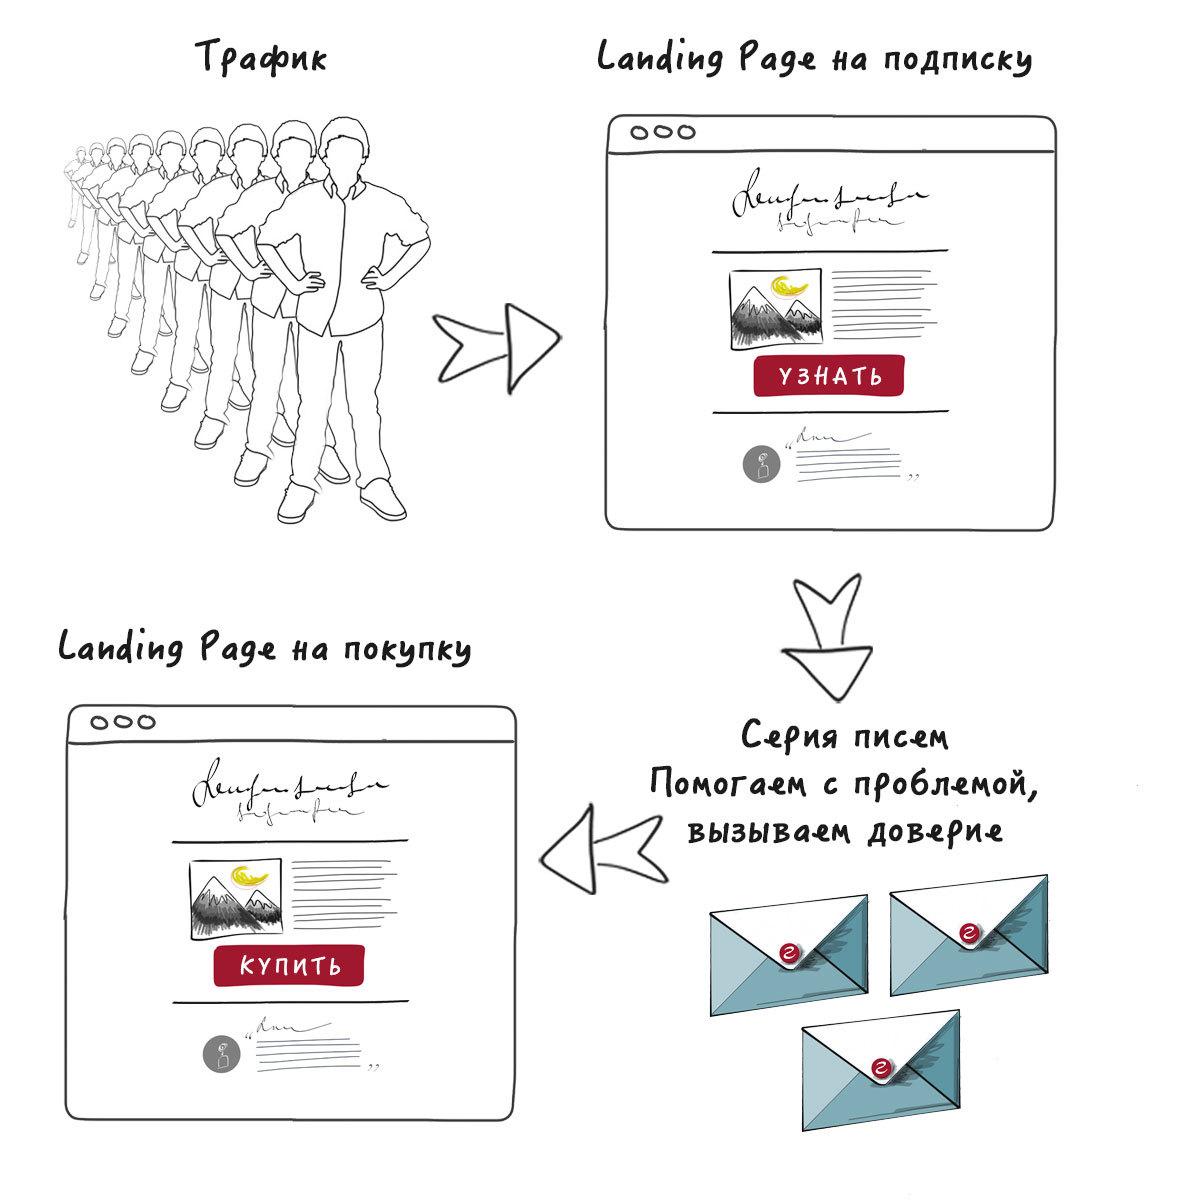 Пошаговый курс по созданию продающего Landing Page c нуля. Часть 5: Строим воронку продаж и создаем призыв к действию - 3